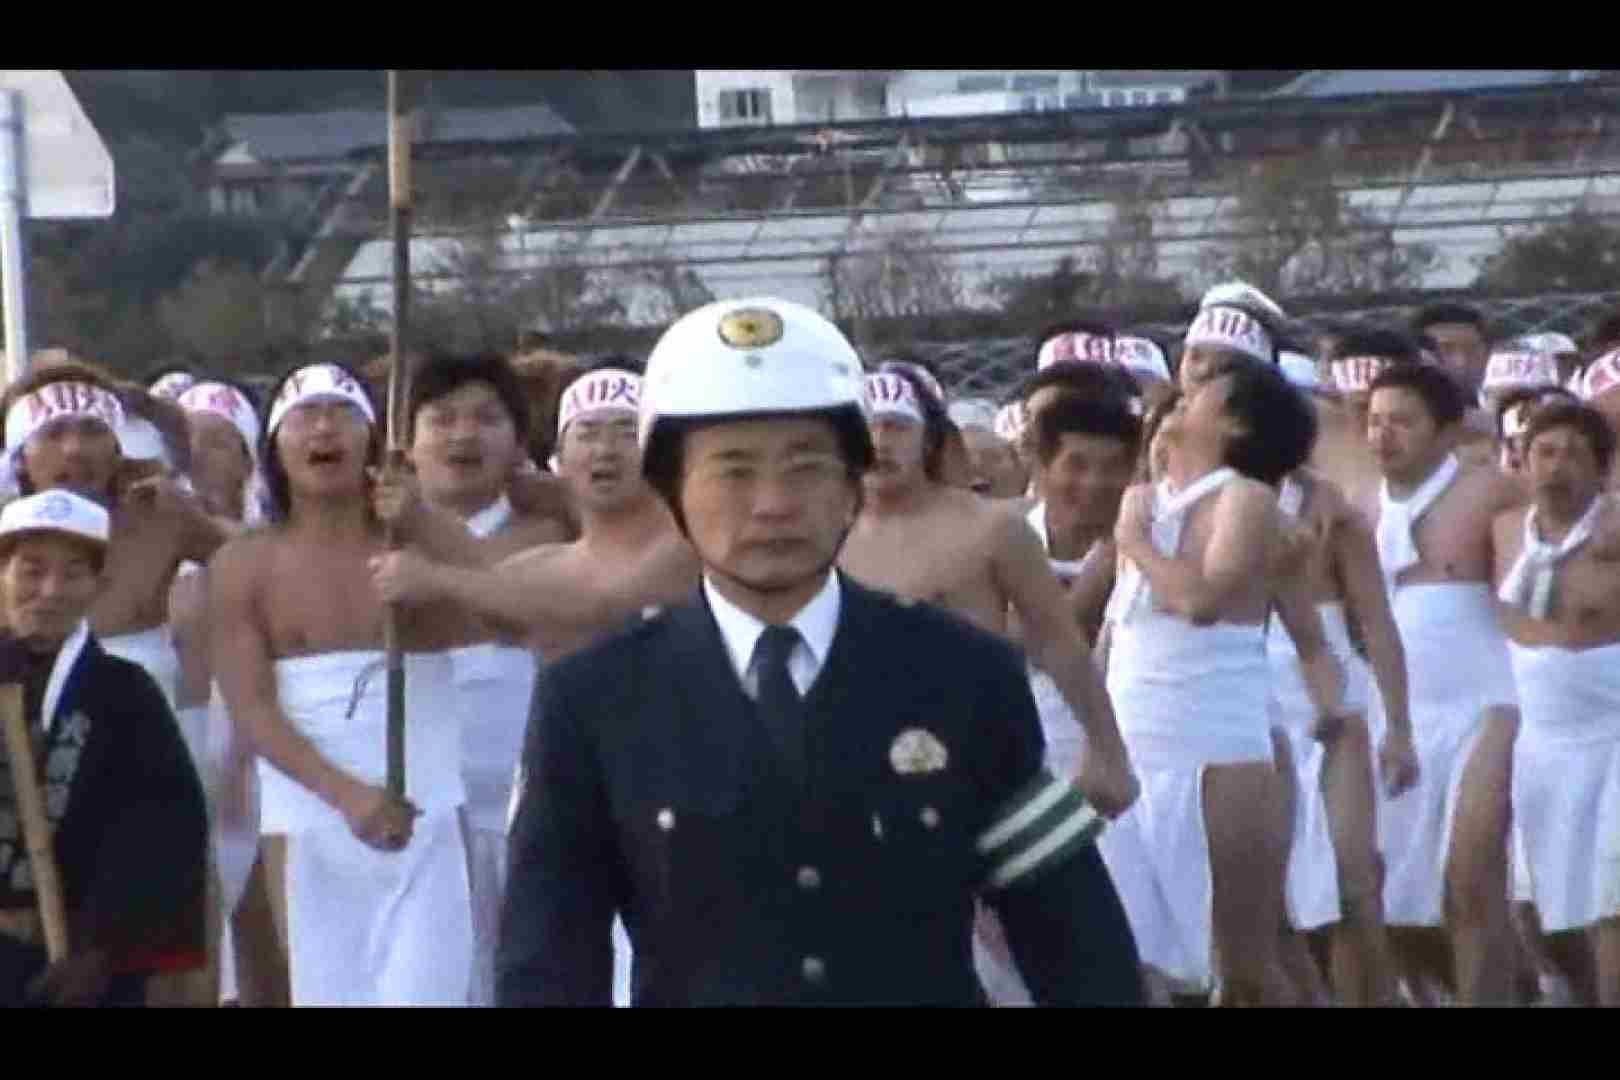 ゲイエロ動画|鳥羽の火祭り 3000K!高画質バージョンVOL.02|覗き